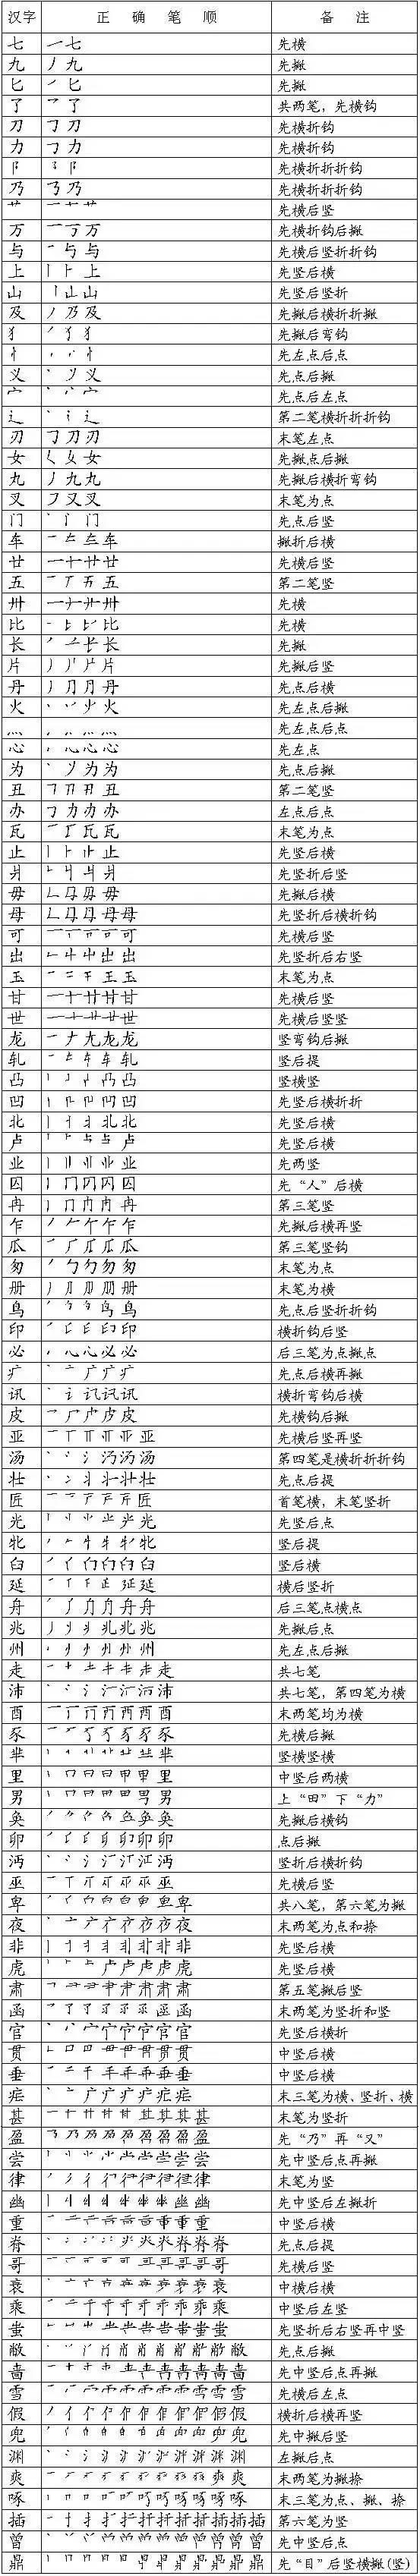 门的笔顺笔画顺序-生会写错的汉字笔顺及正确写法,拿走 年度精选